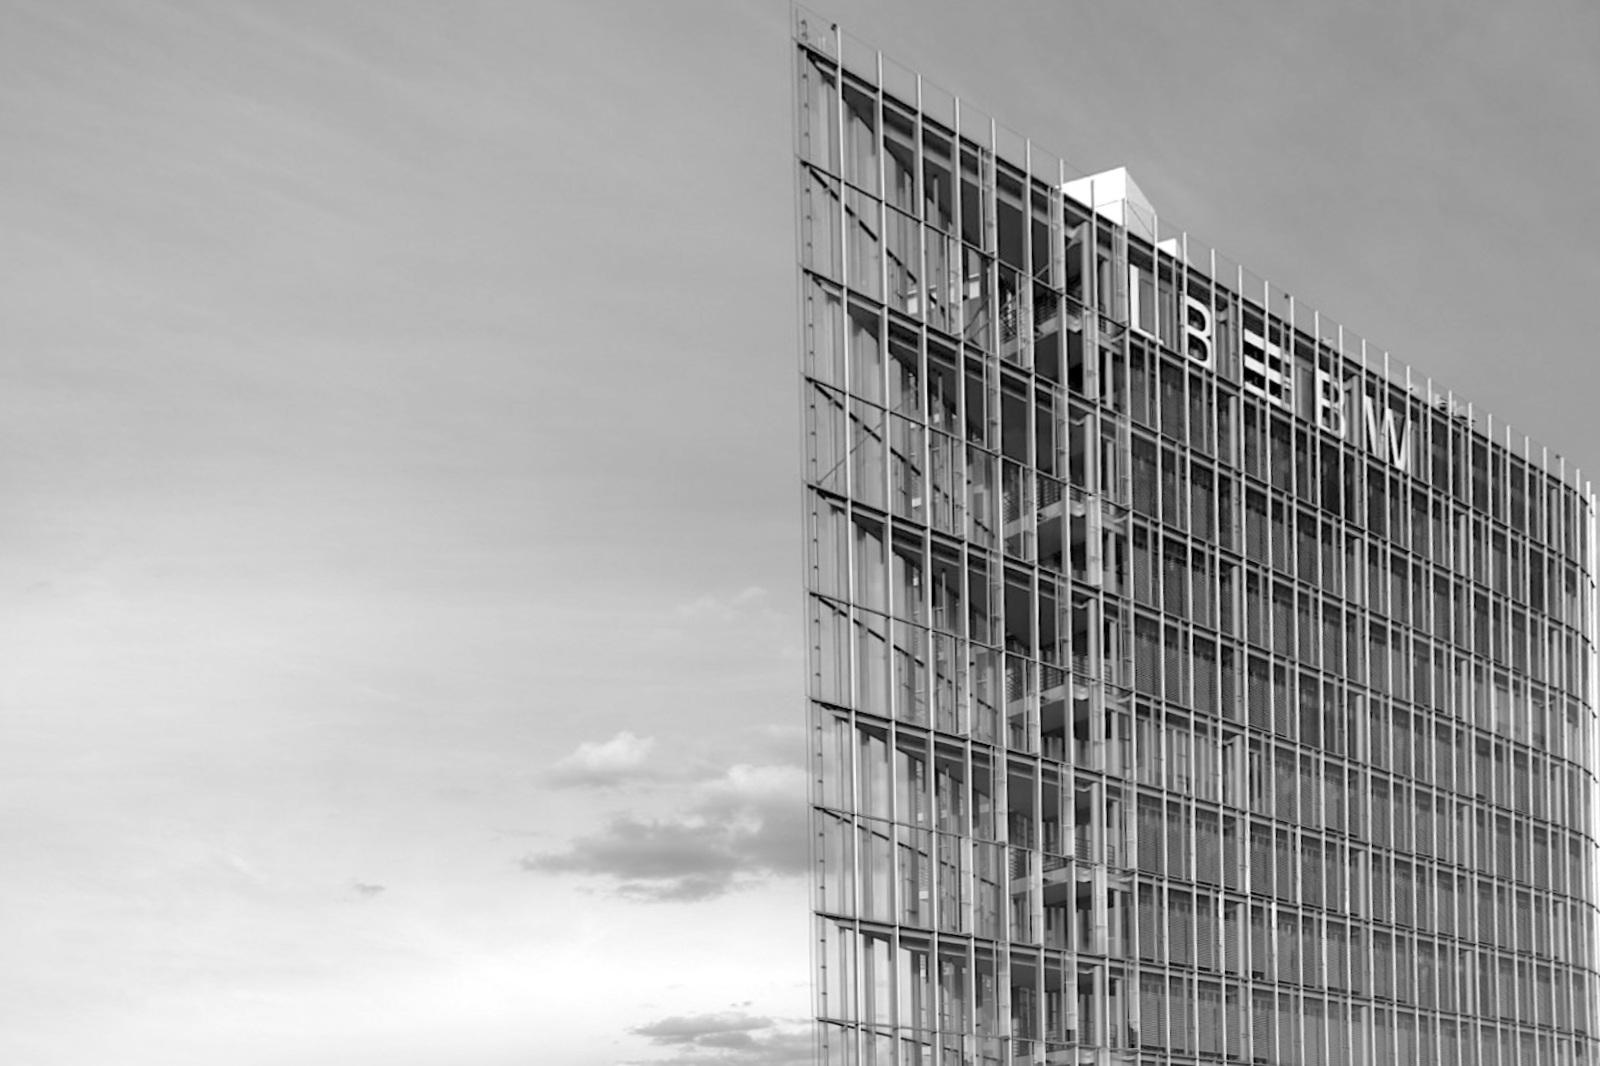 Landesbank Baden-Württemberg. Entwurf: Wöhr Mieslinger Architekten (wma), Fertigstellung: 2004.